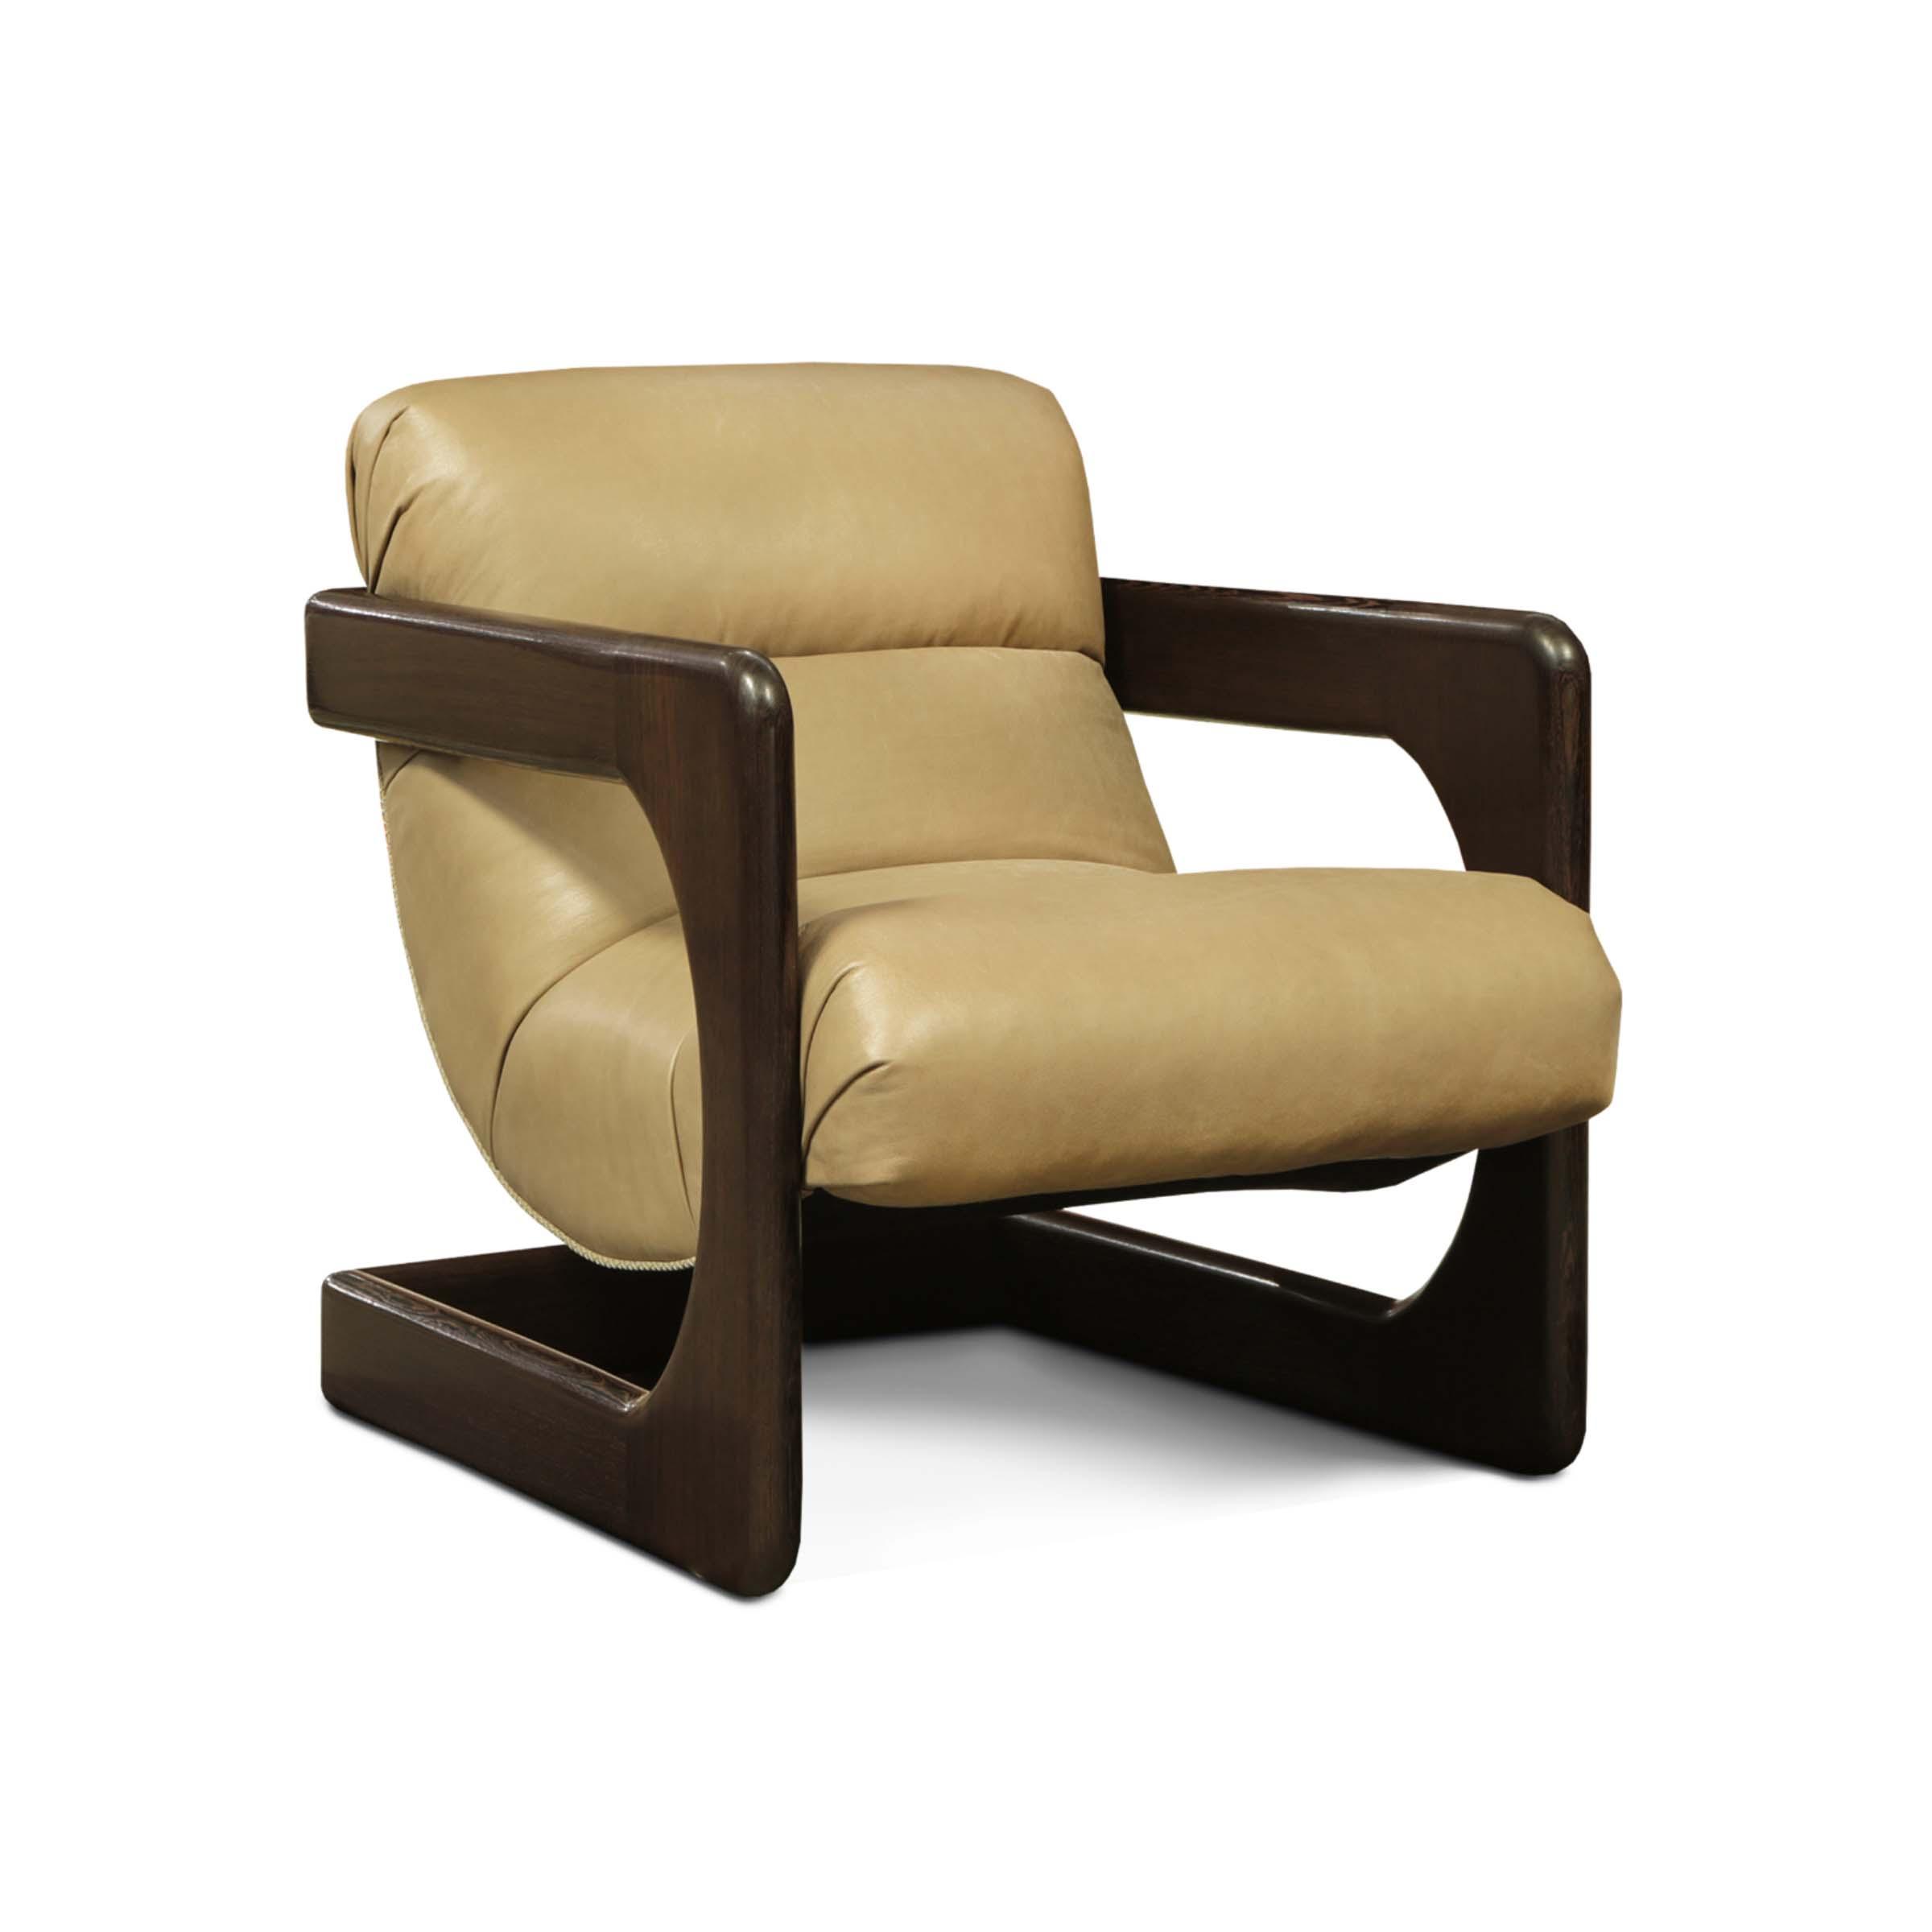 JESSIE - 1E Accent Chair Verdecca Hare